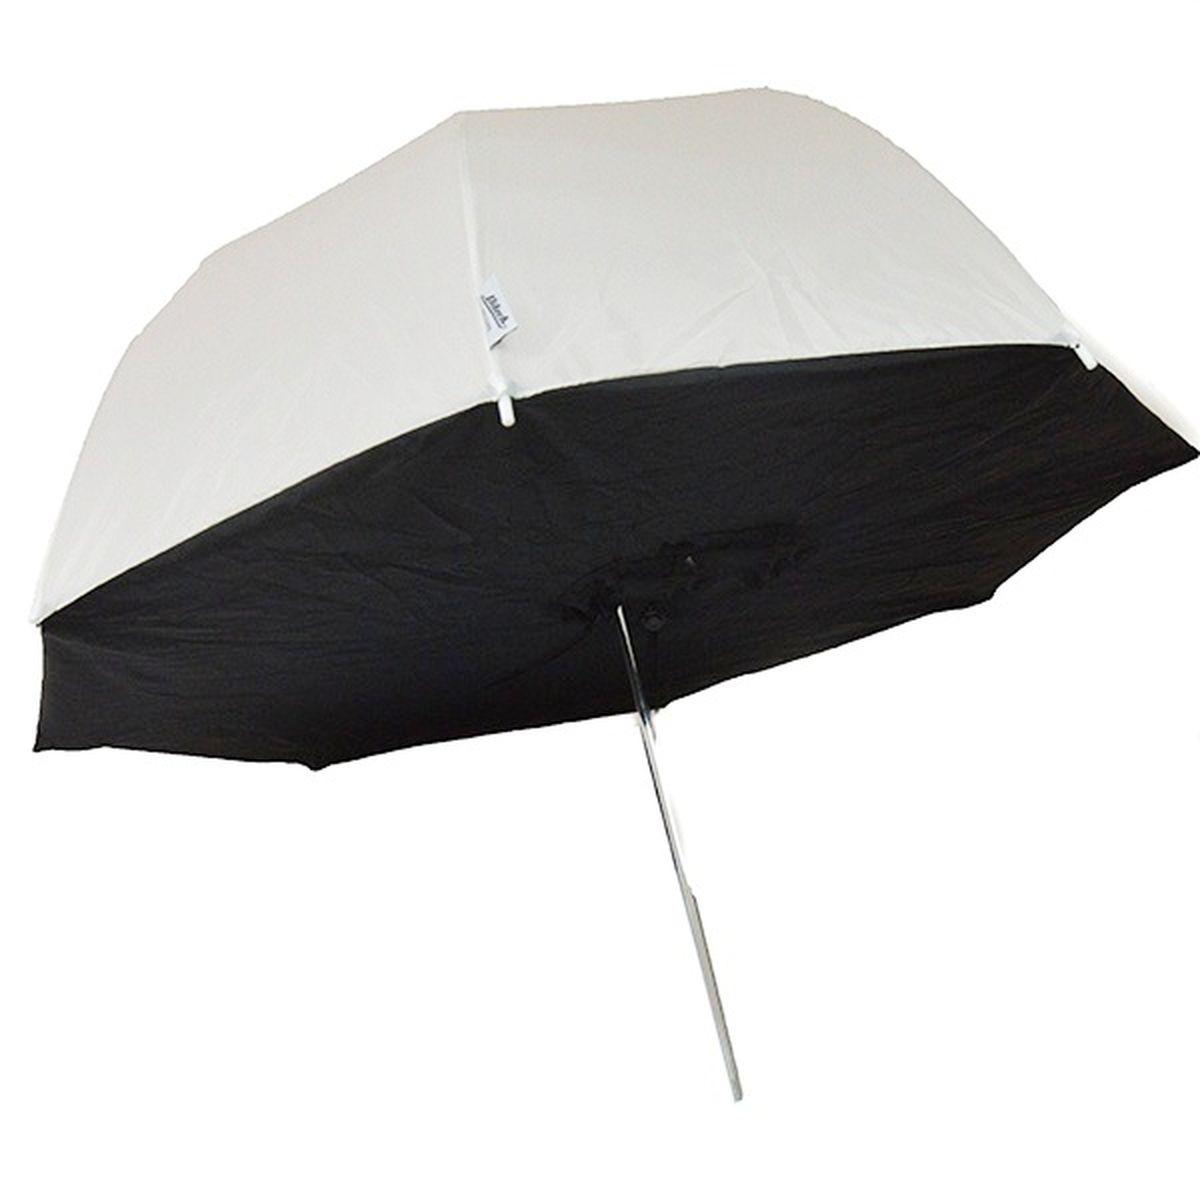 Ditech UBS40WB, White Black зонт-софтбокс для фотосъемкиUBS40WBDitech UBS40WB - светорассеивающий зонт-софтбокс для получения мягкого ненаправленного света на большой площади.